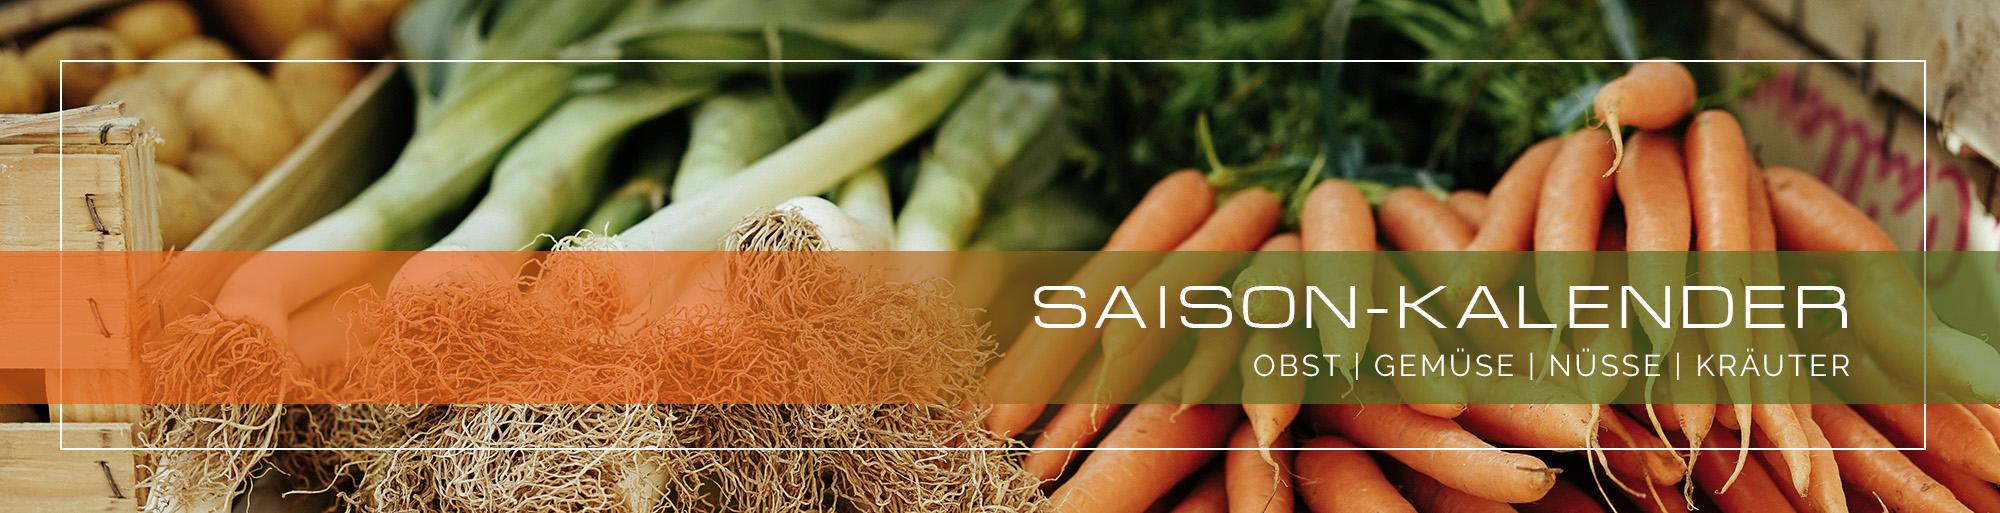 Saisonkalender Obst, Gemüse, Nüsse, Kräuter